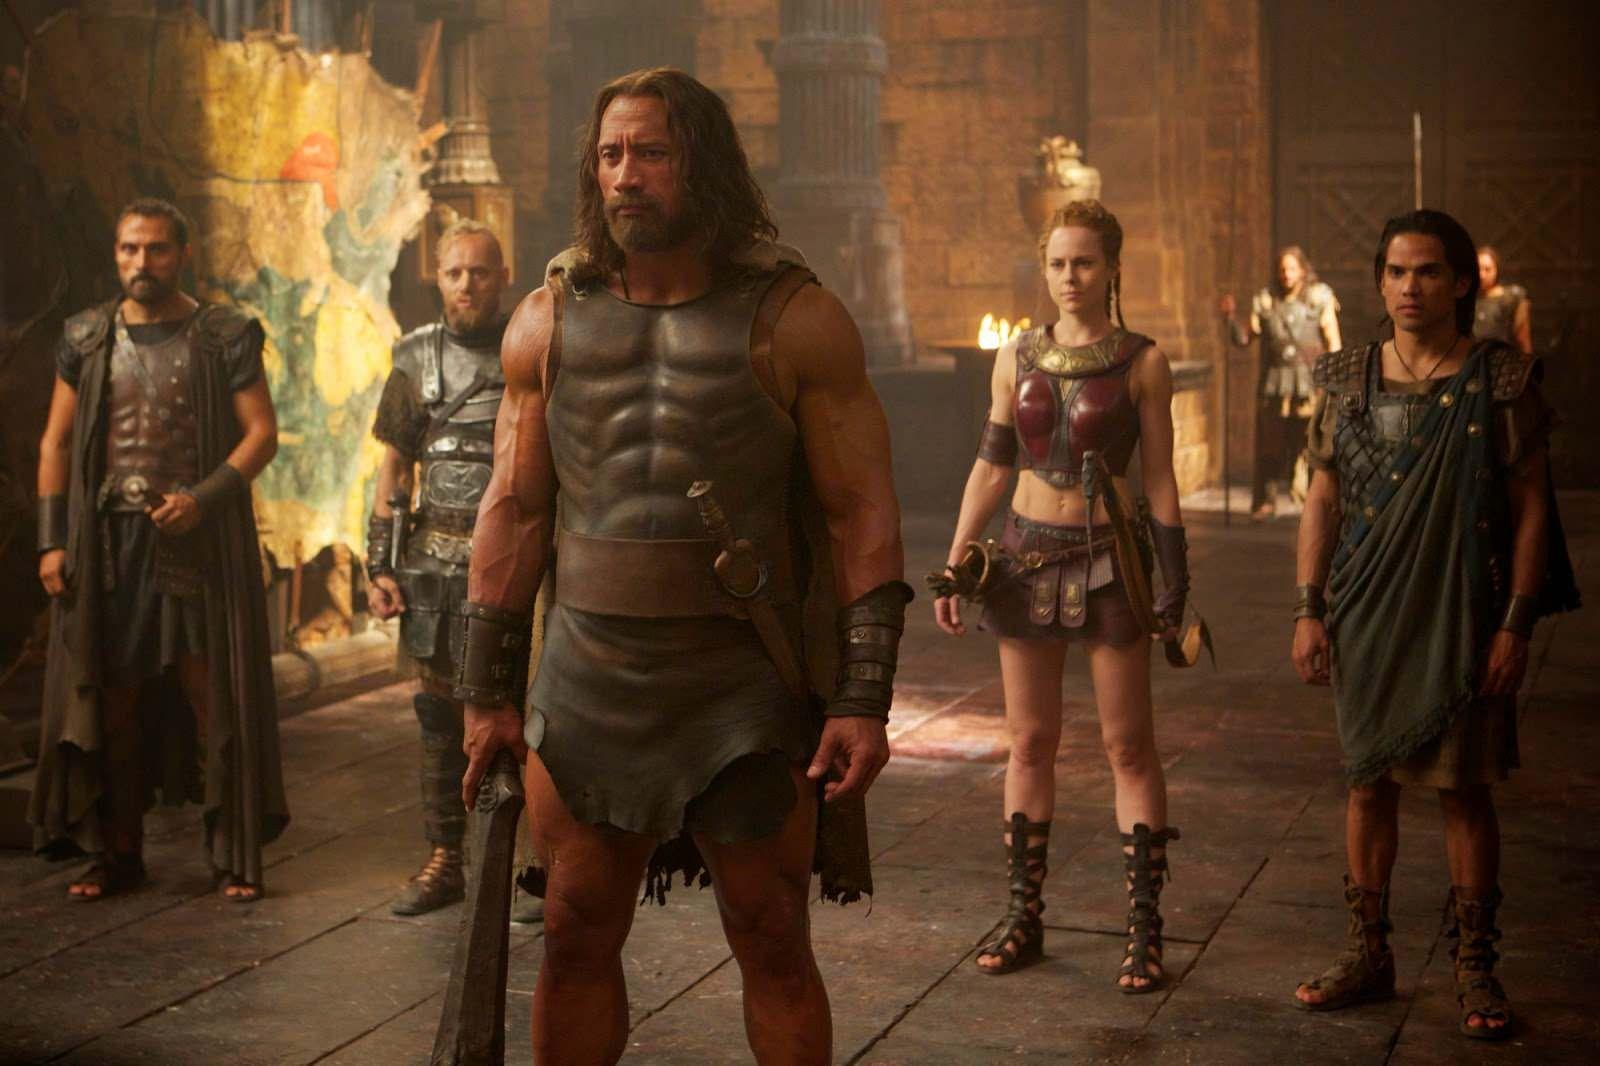 Hercules 2014 Dual Audio Hin Eng Download In 2020 Dwayne Johnson Hercules Dwayne Johnson Movie Stars